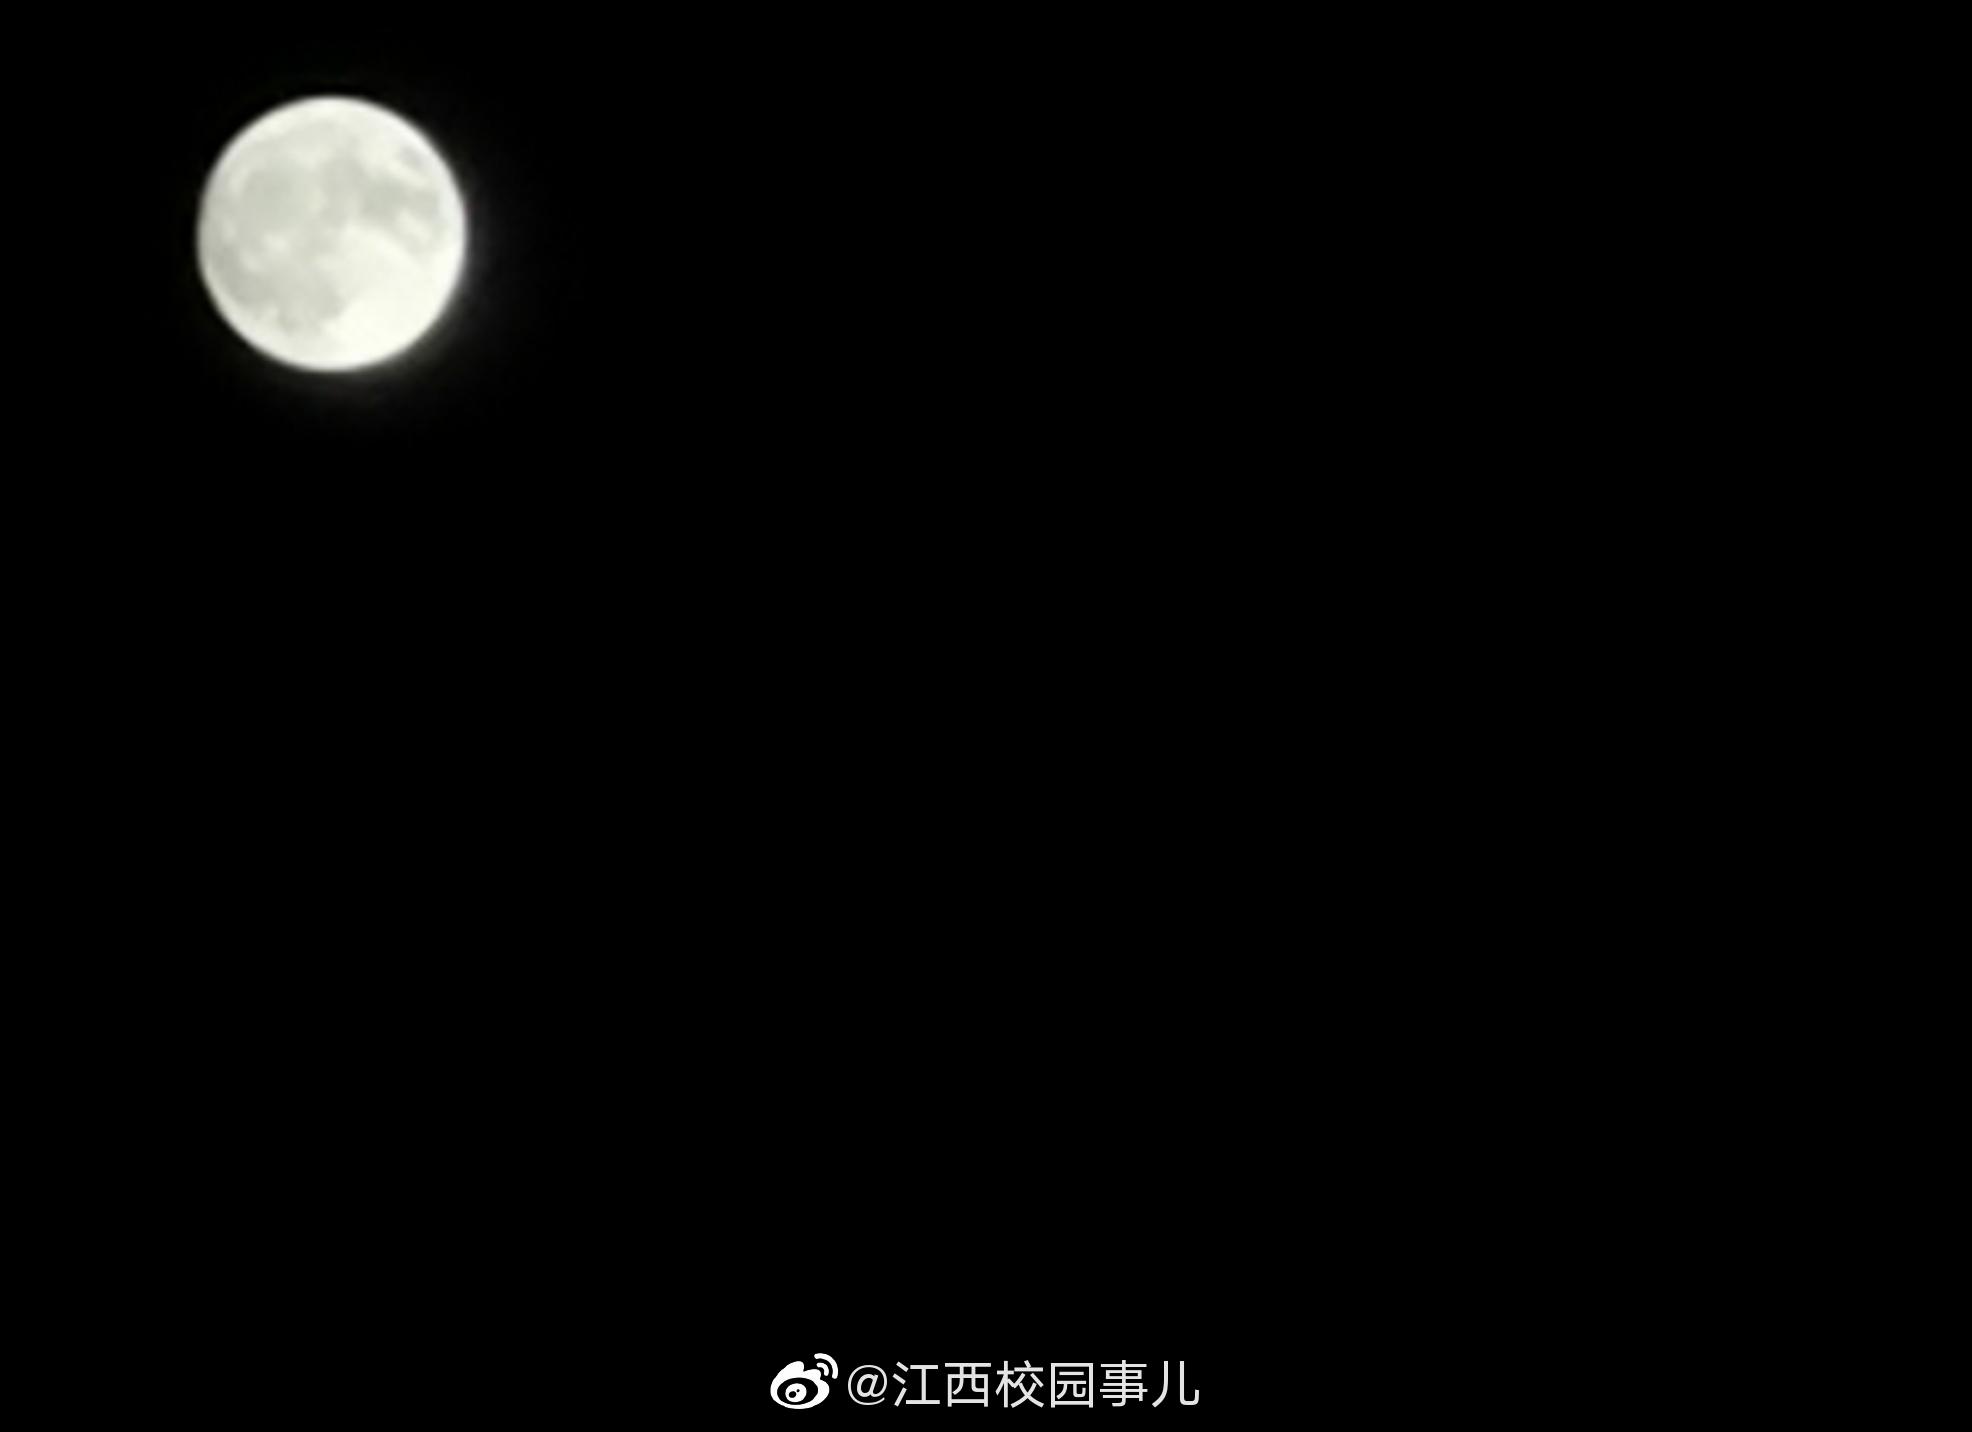 十五的月亮十六圆此刻你最想和谁一同赏月? 不限爱豆!